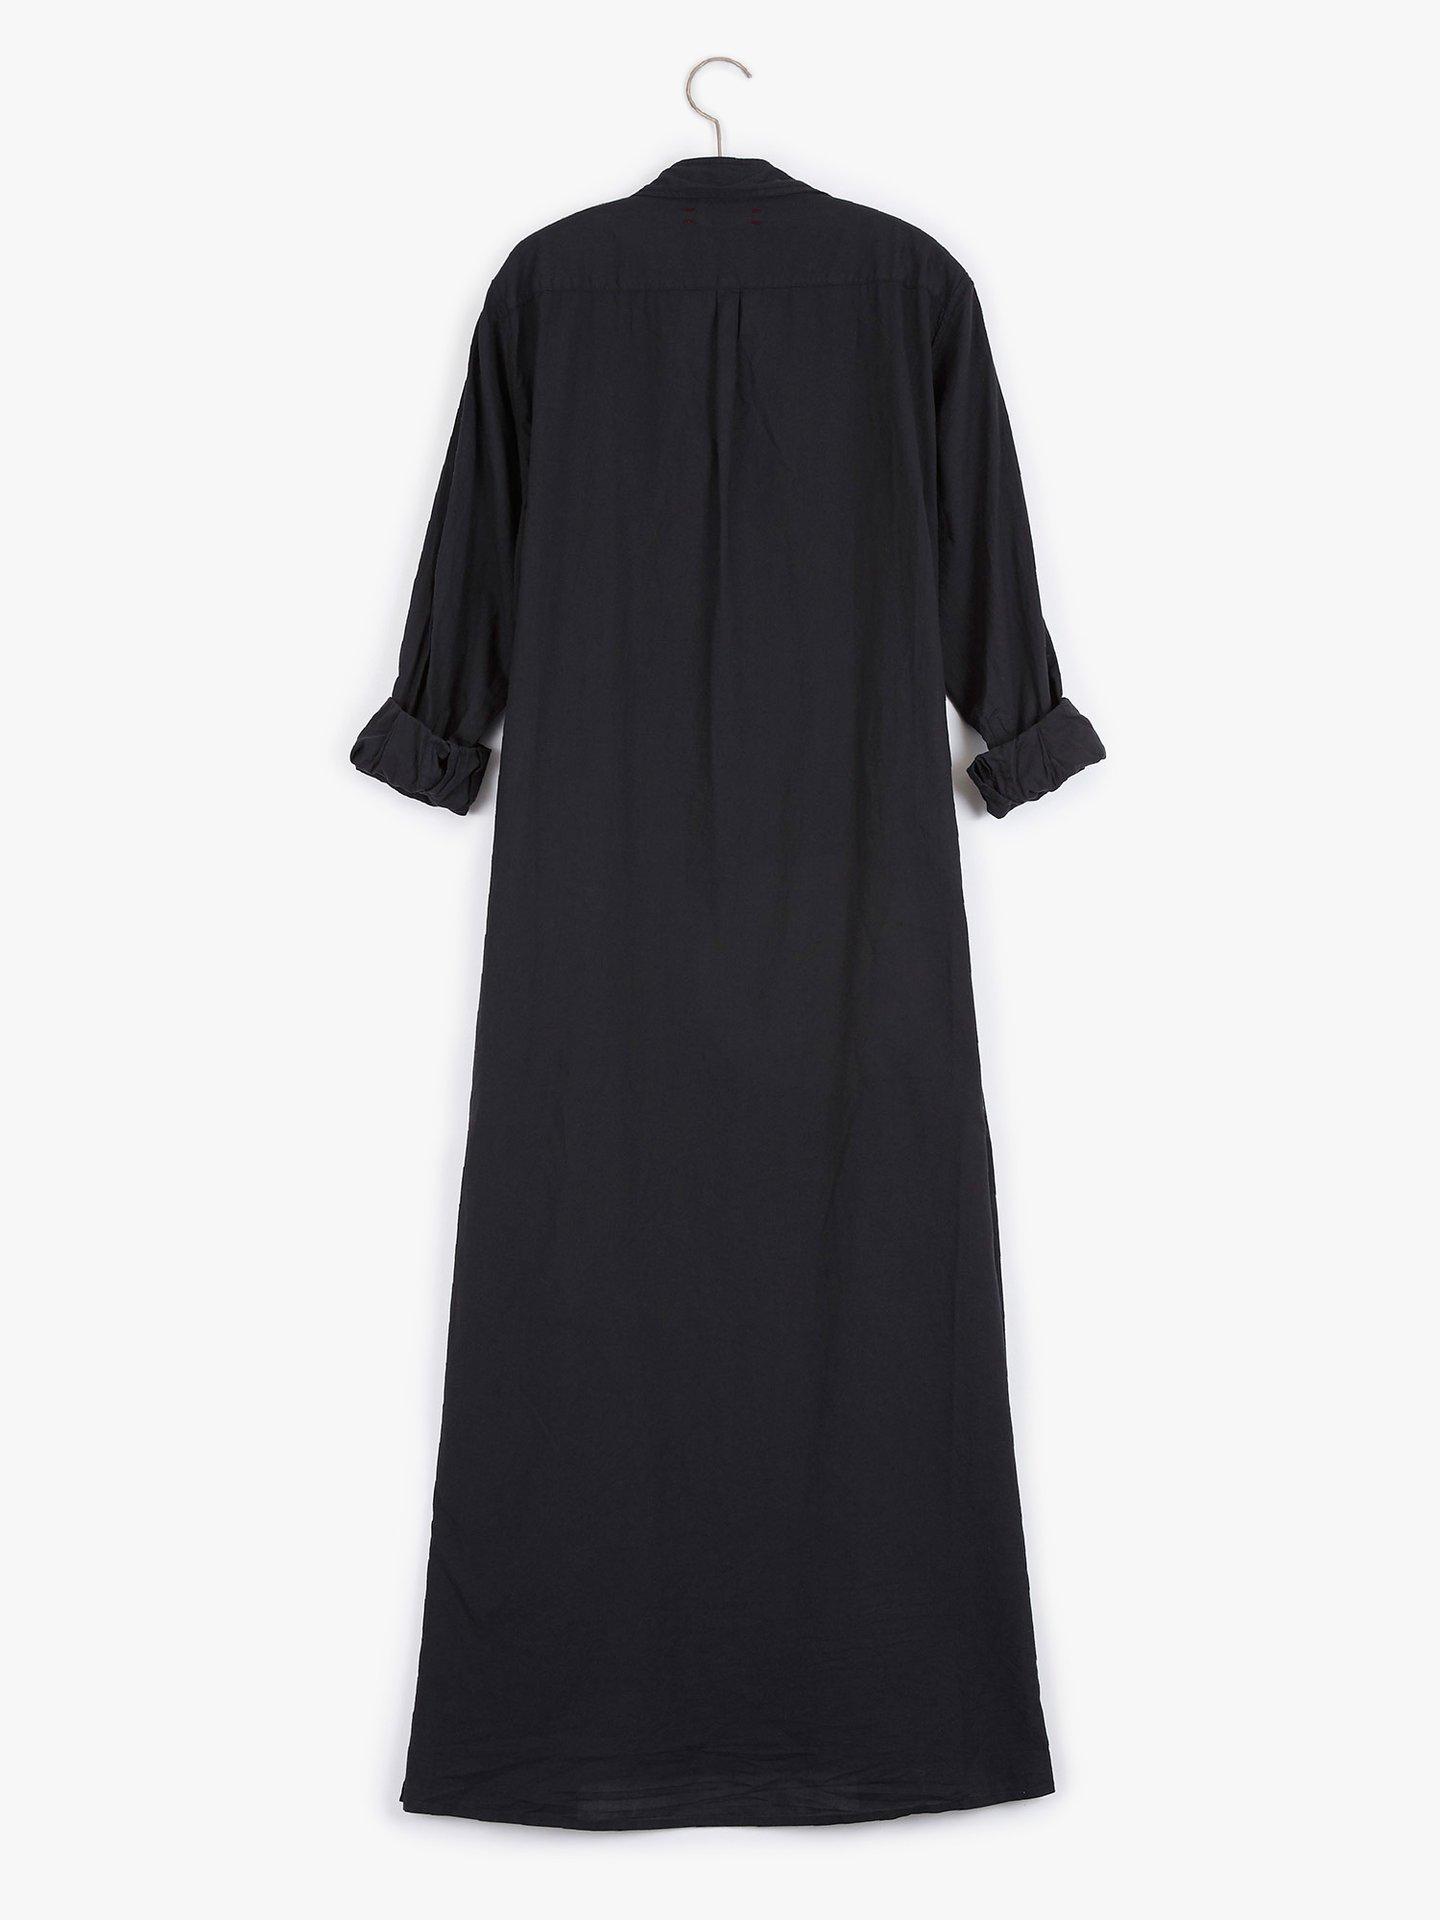 Kleid, Xirena, Boden, Sommerkleid